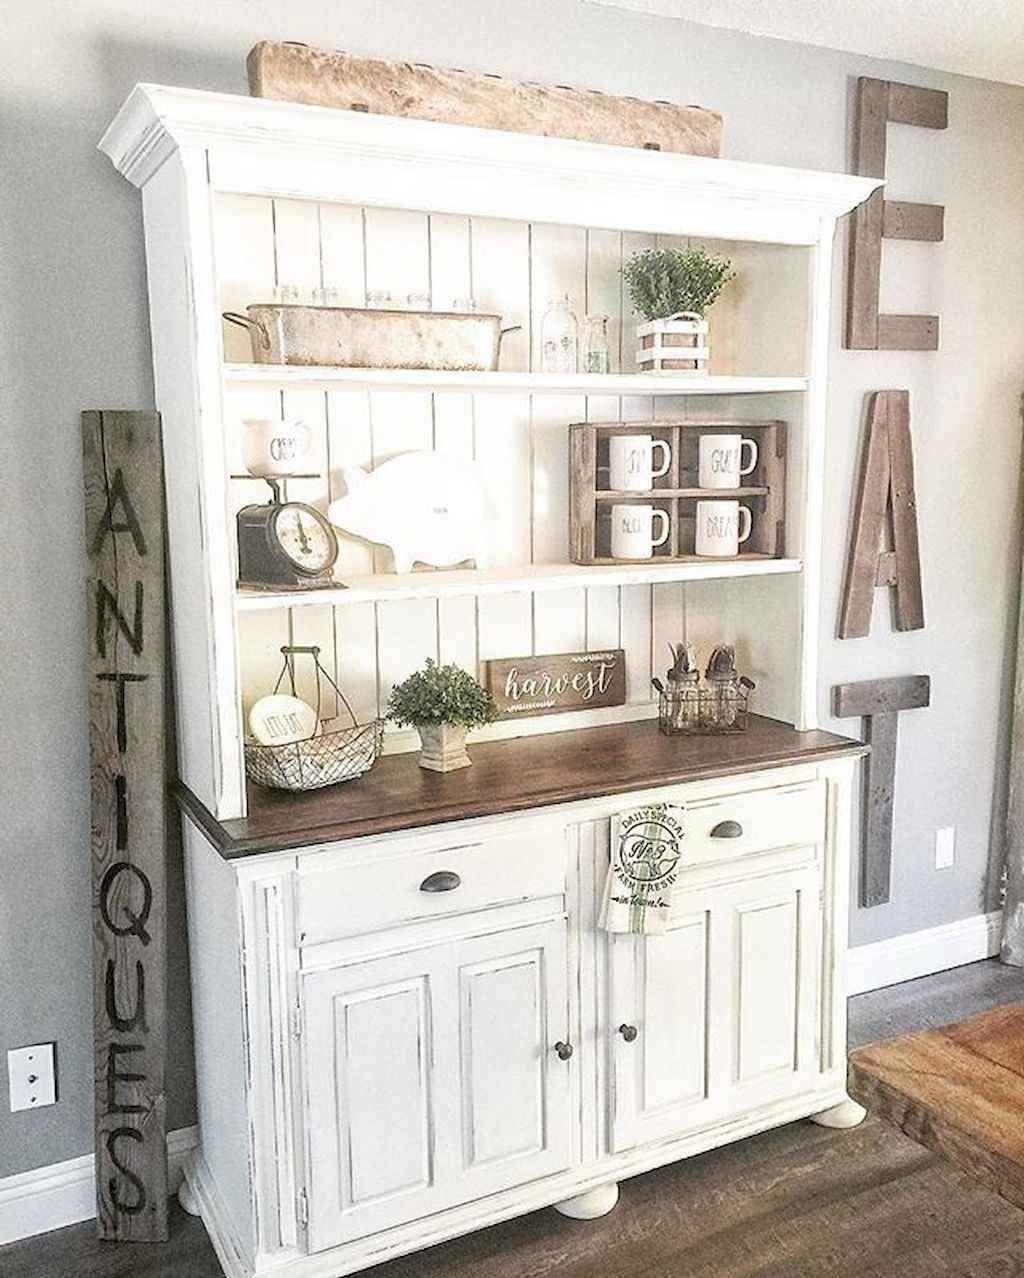 100 Elegant White Kitchen Cabinets Decor Ideas For Farmhouse Style